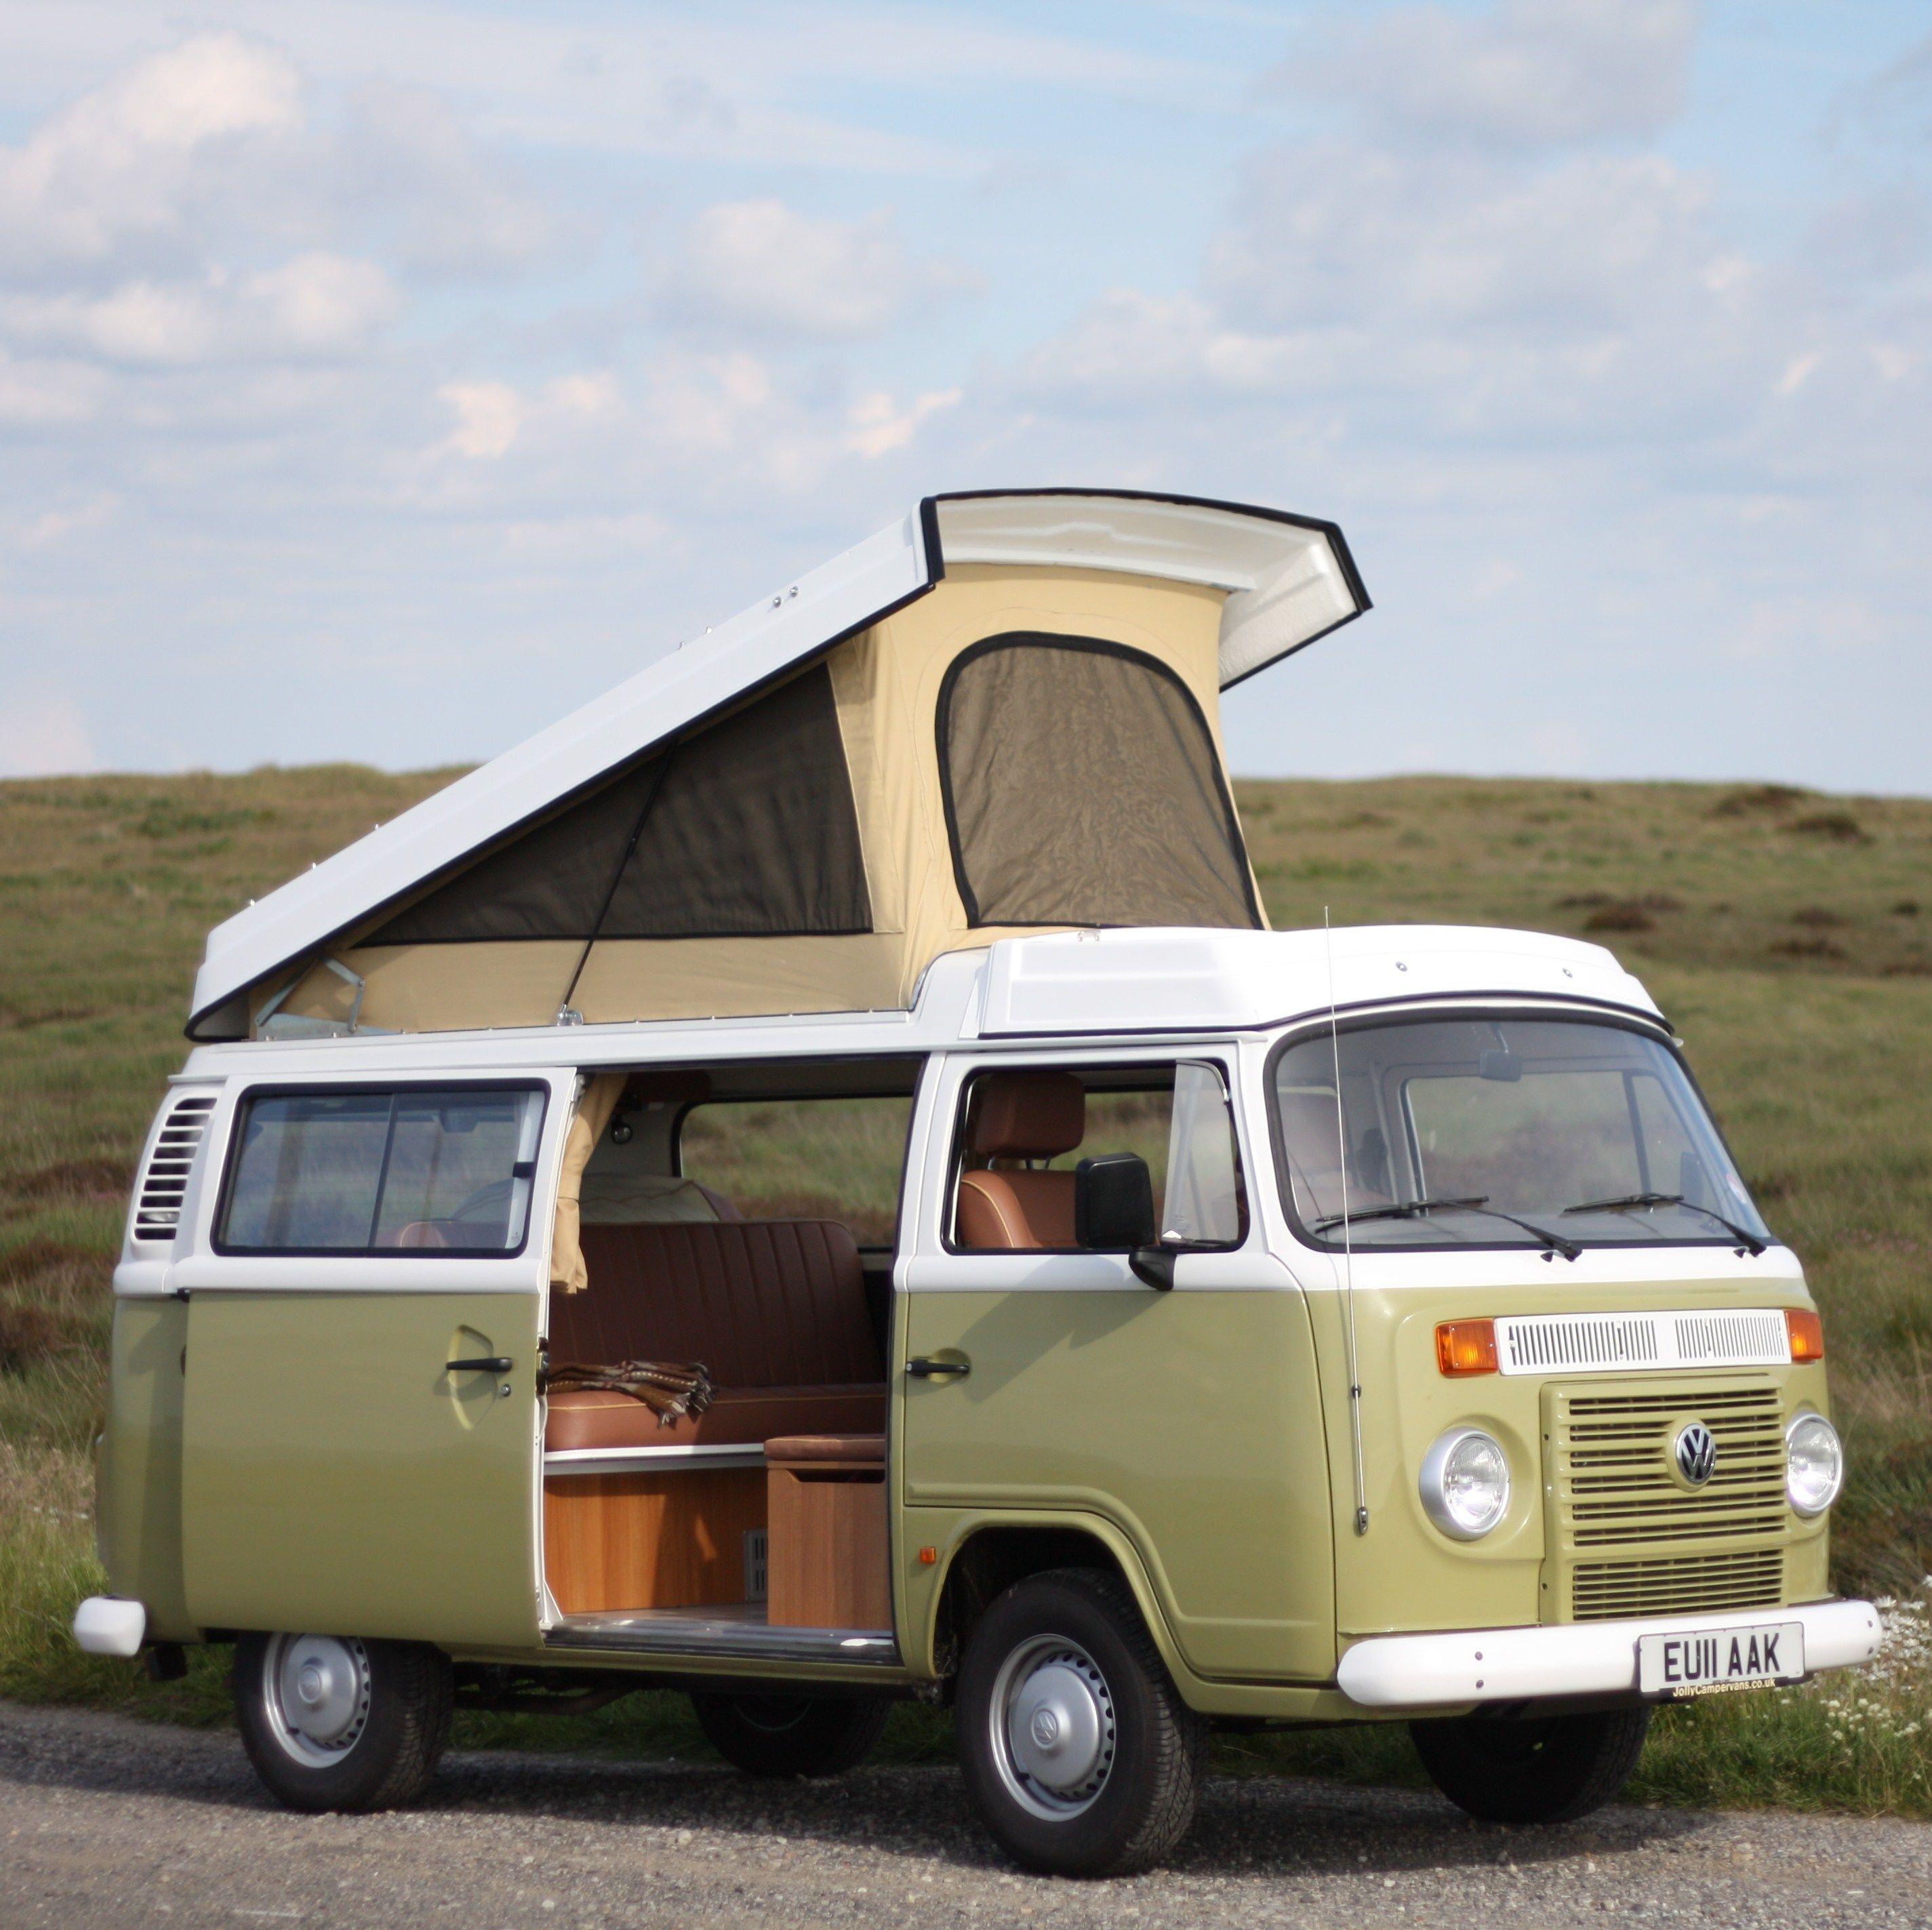 vw campers for sale , volkswagen campervans to buy, vw